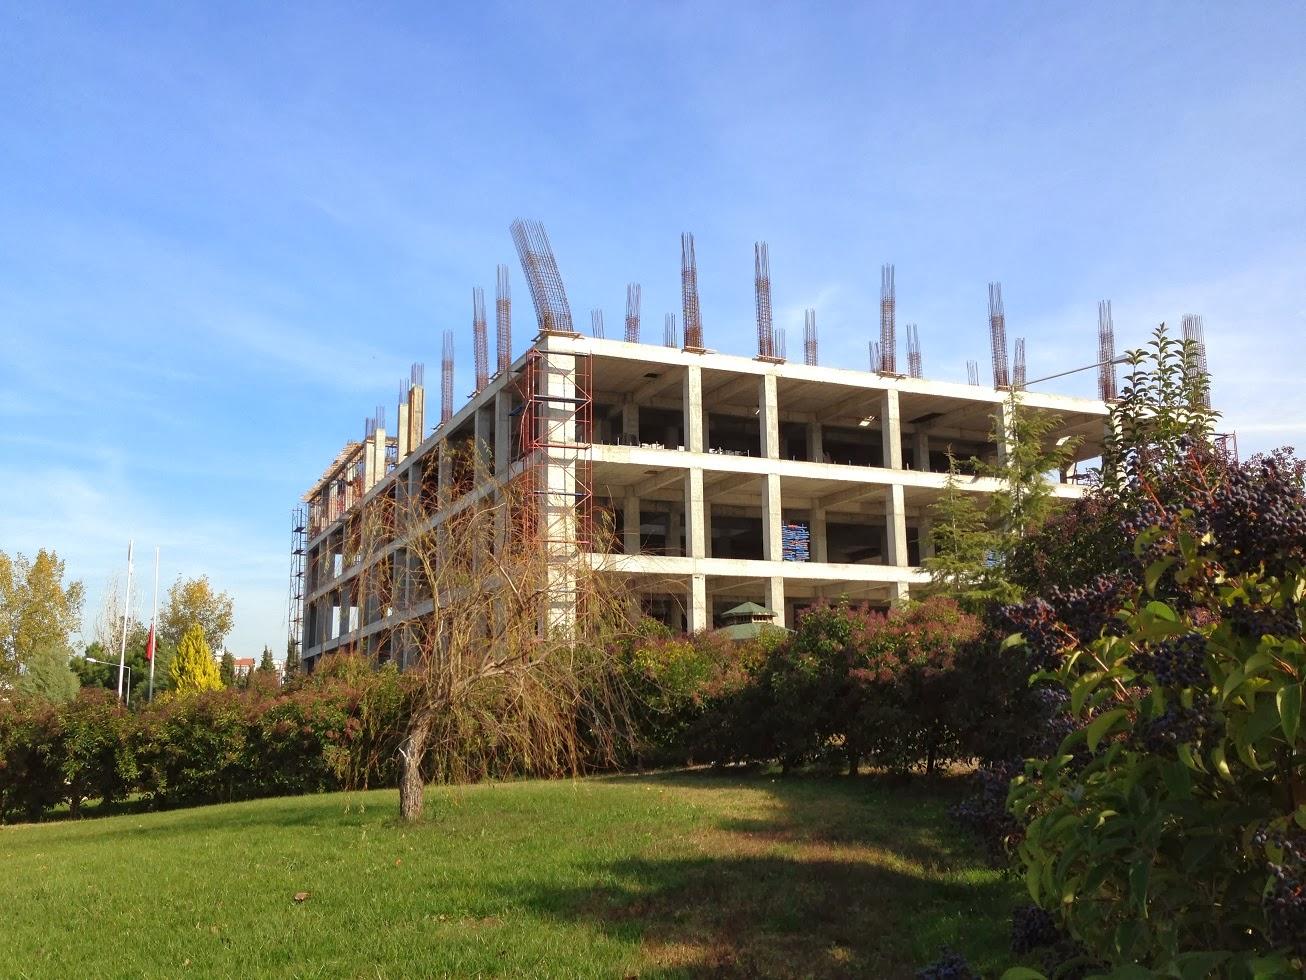 Oxford ve Harvard Türkiye'de kampüs açabilecek 86